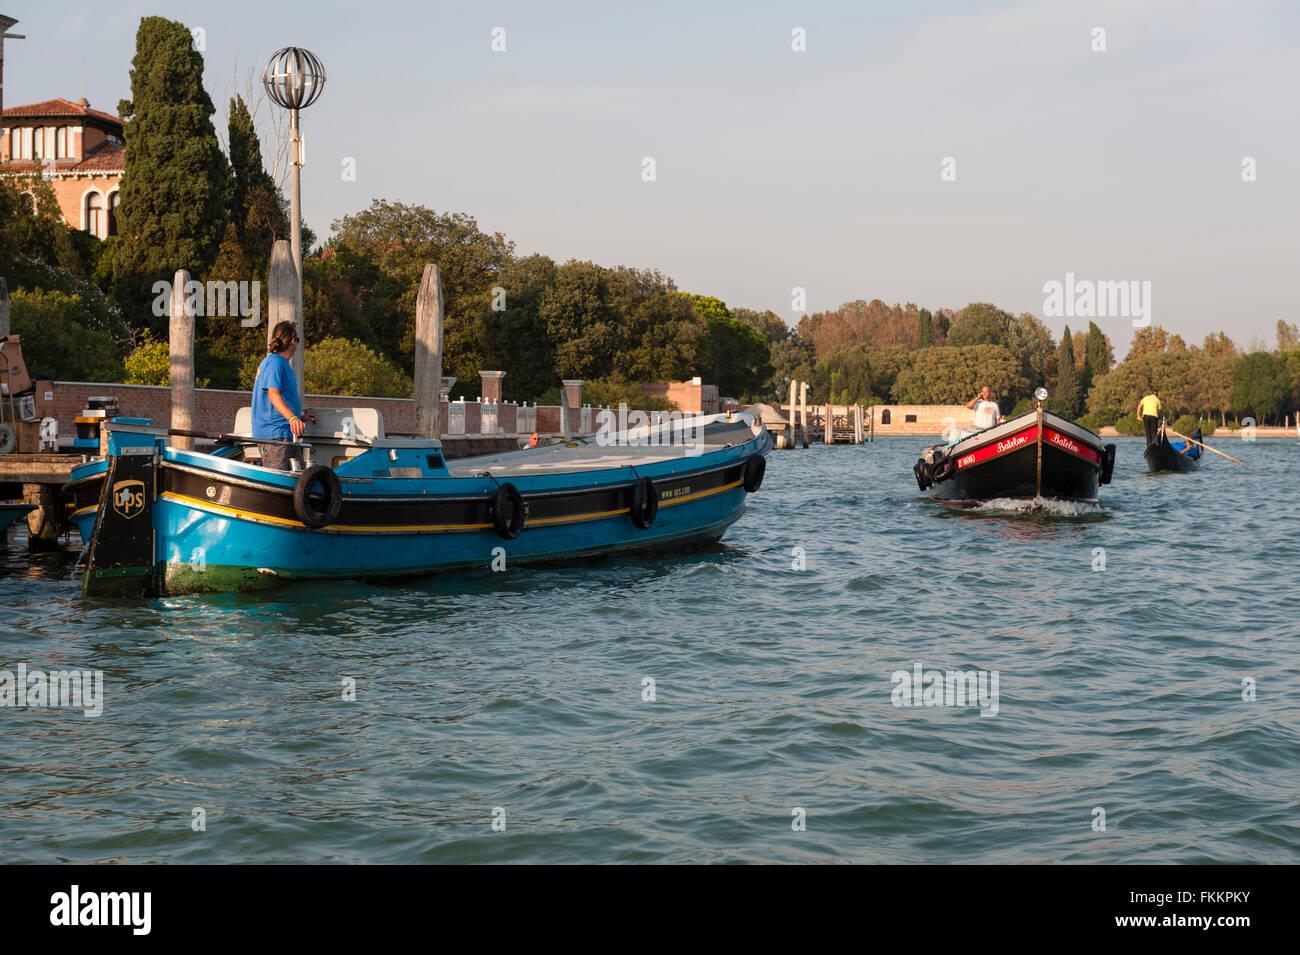 Venedig, Italien. Ein UPS (United Parcel Service, Inc.) Lieferung Lastkahn auf einen Kanal aus der Insel Giudecca Stockbild